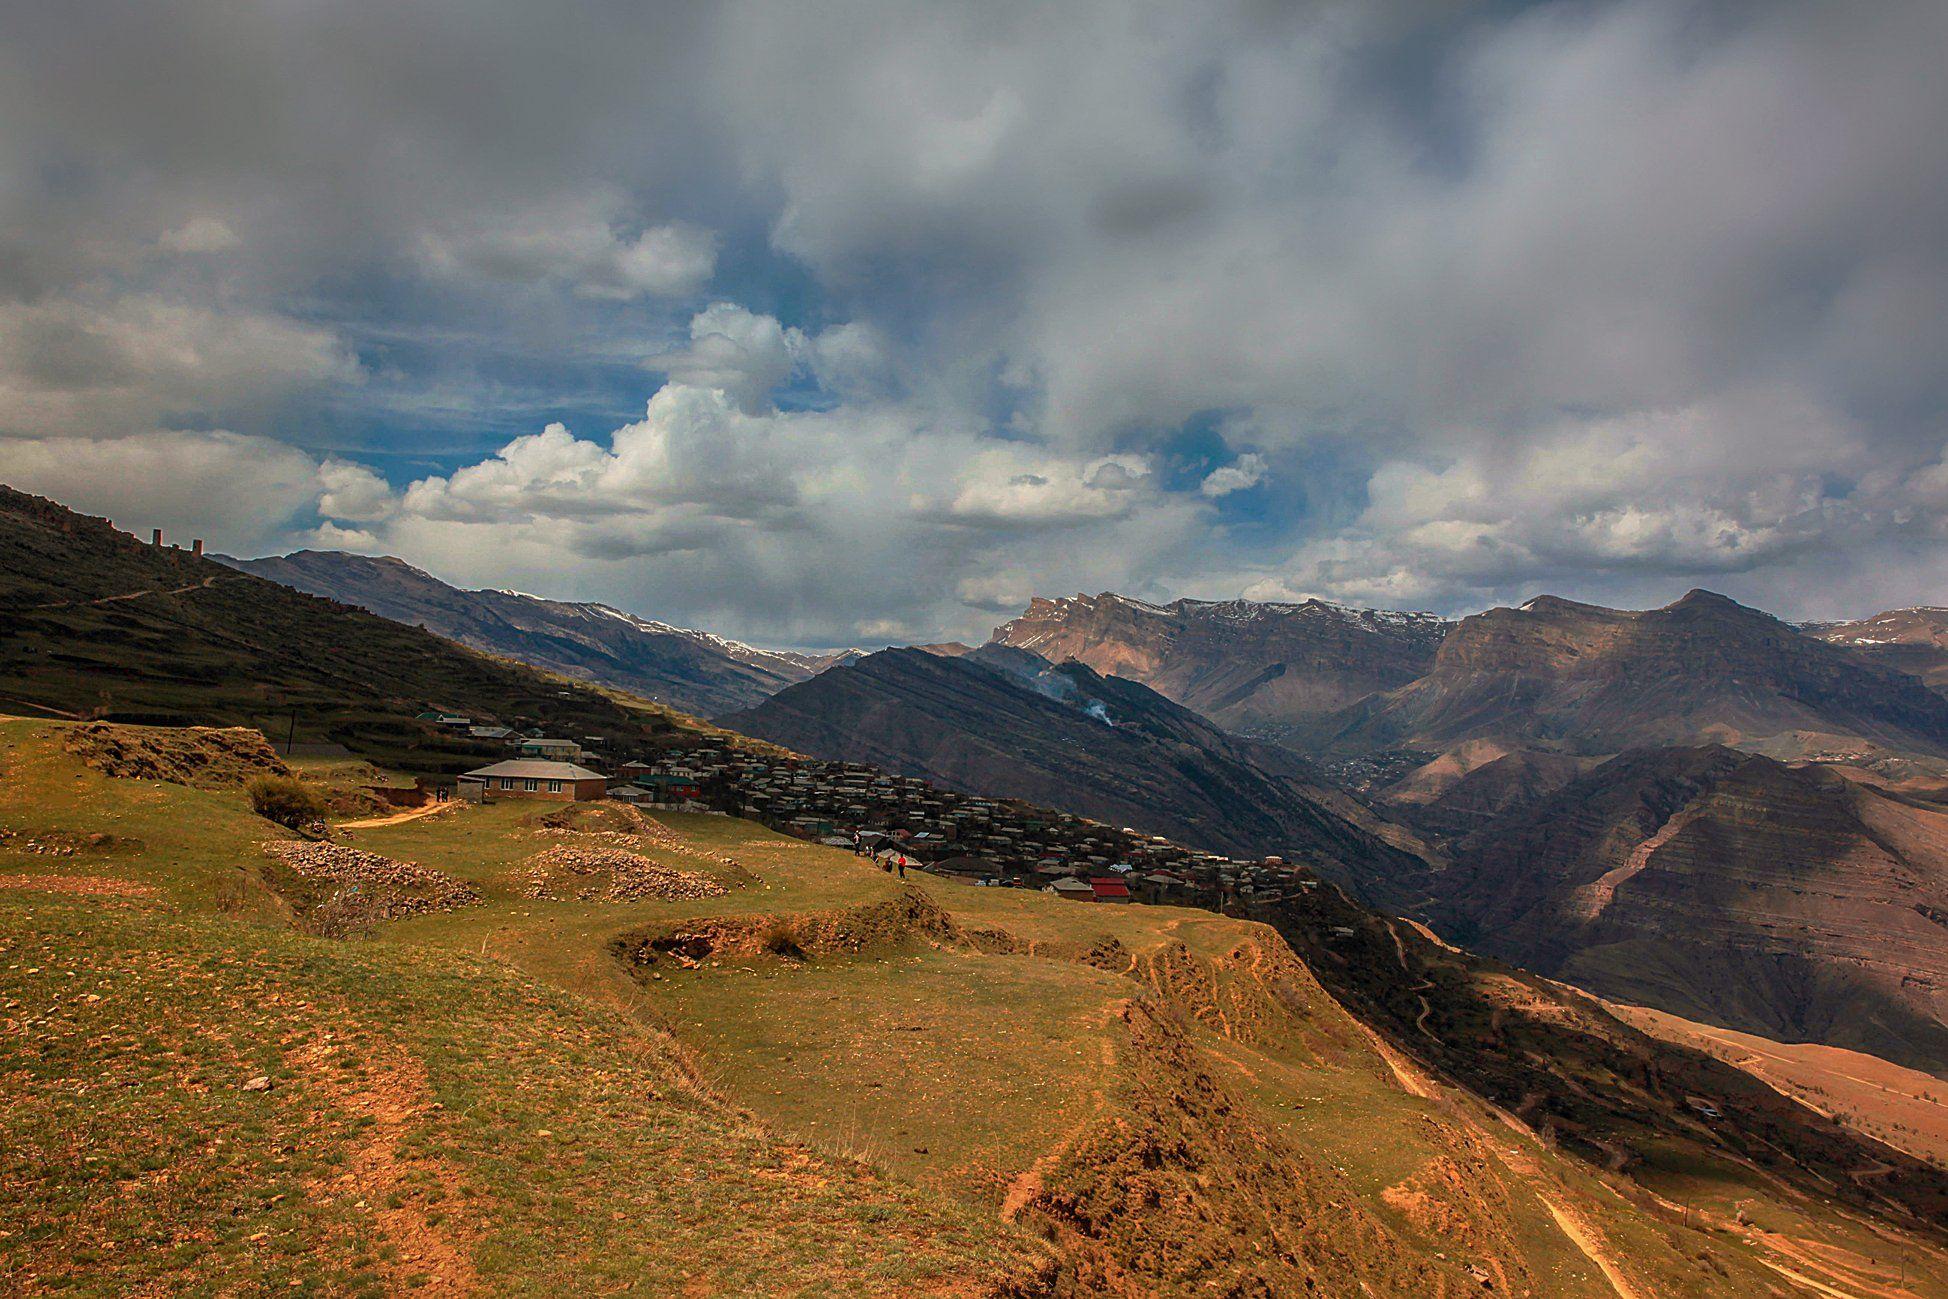 аул,гоор,горы,пейзаж,горный пейзаж,весна,дагестан,северный кавказ,шамильский район., Magov Marat